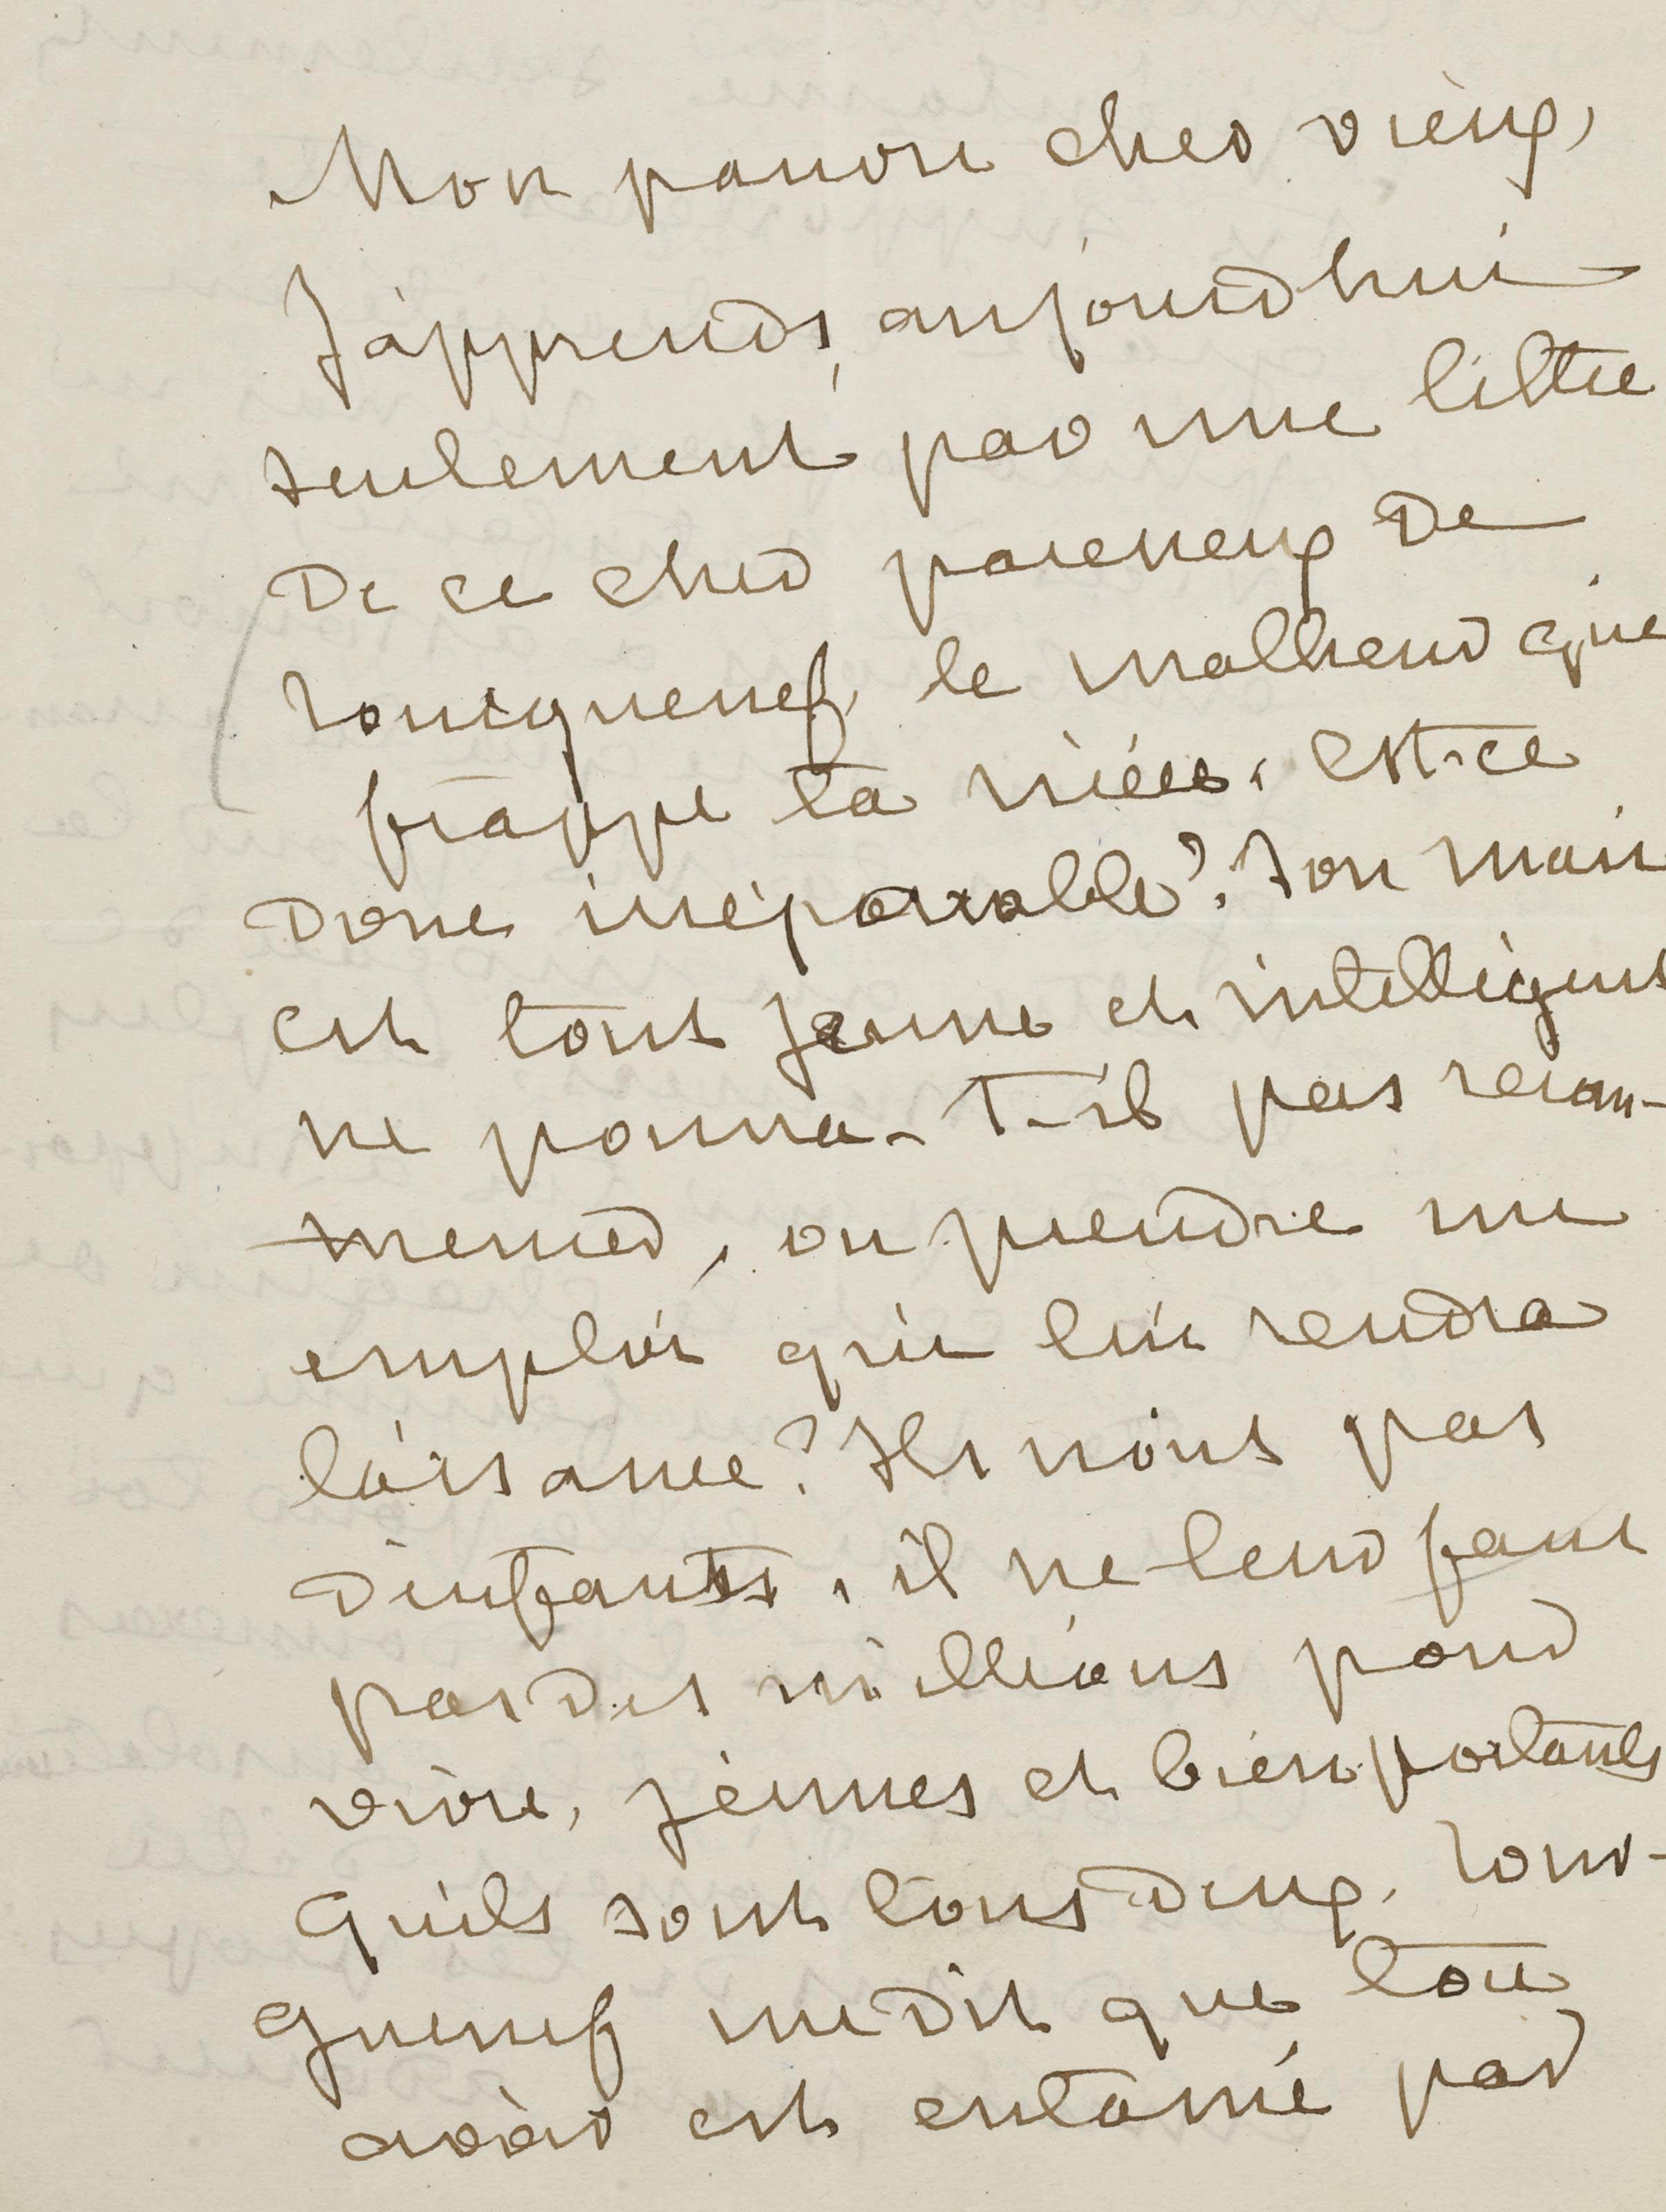 """SAND, George (1804-1876). Lettre autographe, signée """"G. Sand"""", à Gustave Flaubert. Datée et située """"Nohant 15 août [1875]""""."""